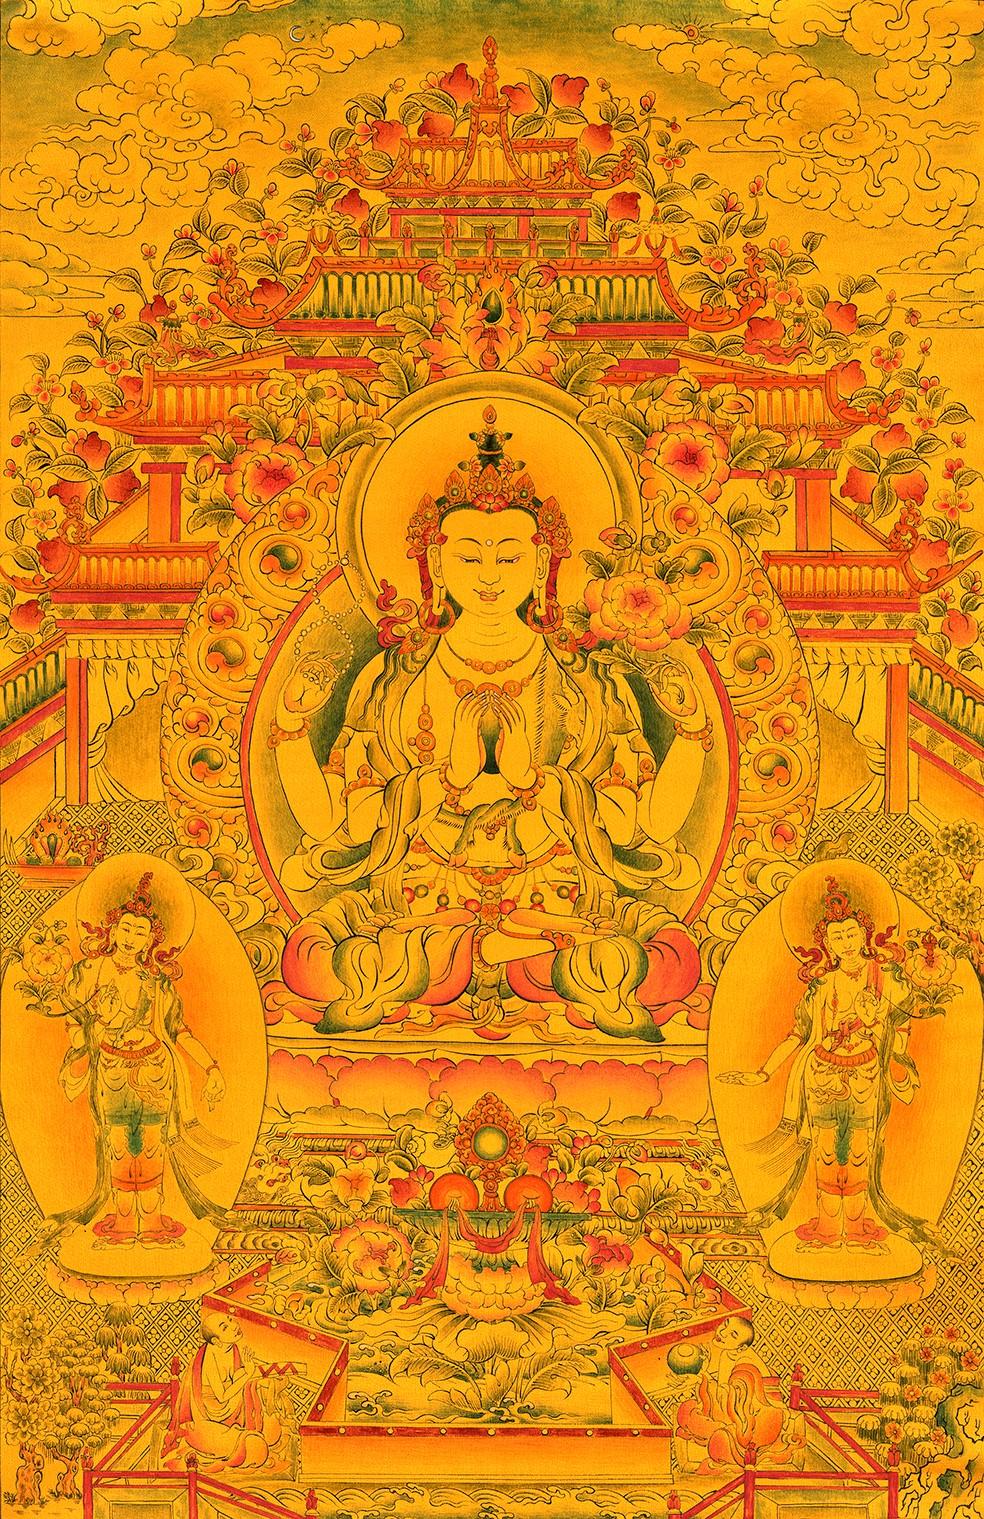 En 1986, alors qu'il vivait à Oulan-Oude, Dudko a commencé à apprendre l'art du Thangka, des peintures sacrées bouddhistes tibétaines sur des toiles de coton ou de soie. Ses premiers professeurs étaient des lamas bouriates des temples Dharama-Doddi et Jimba-Jamso.